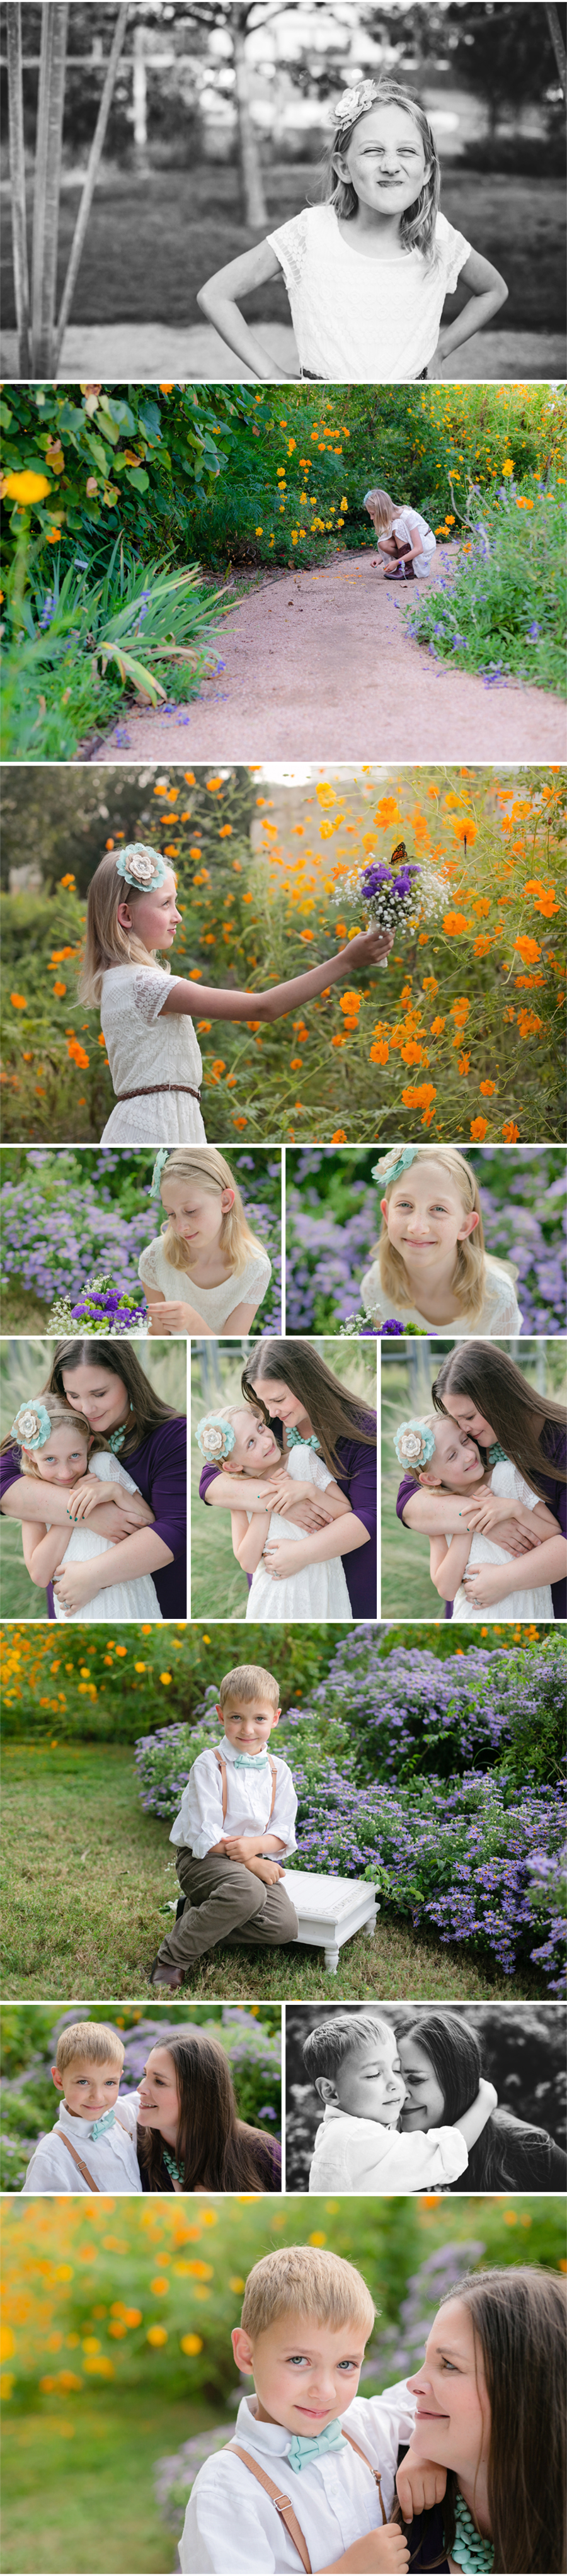 lyndsay_stradtner_family